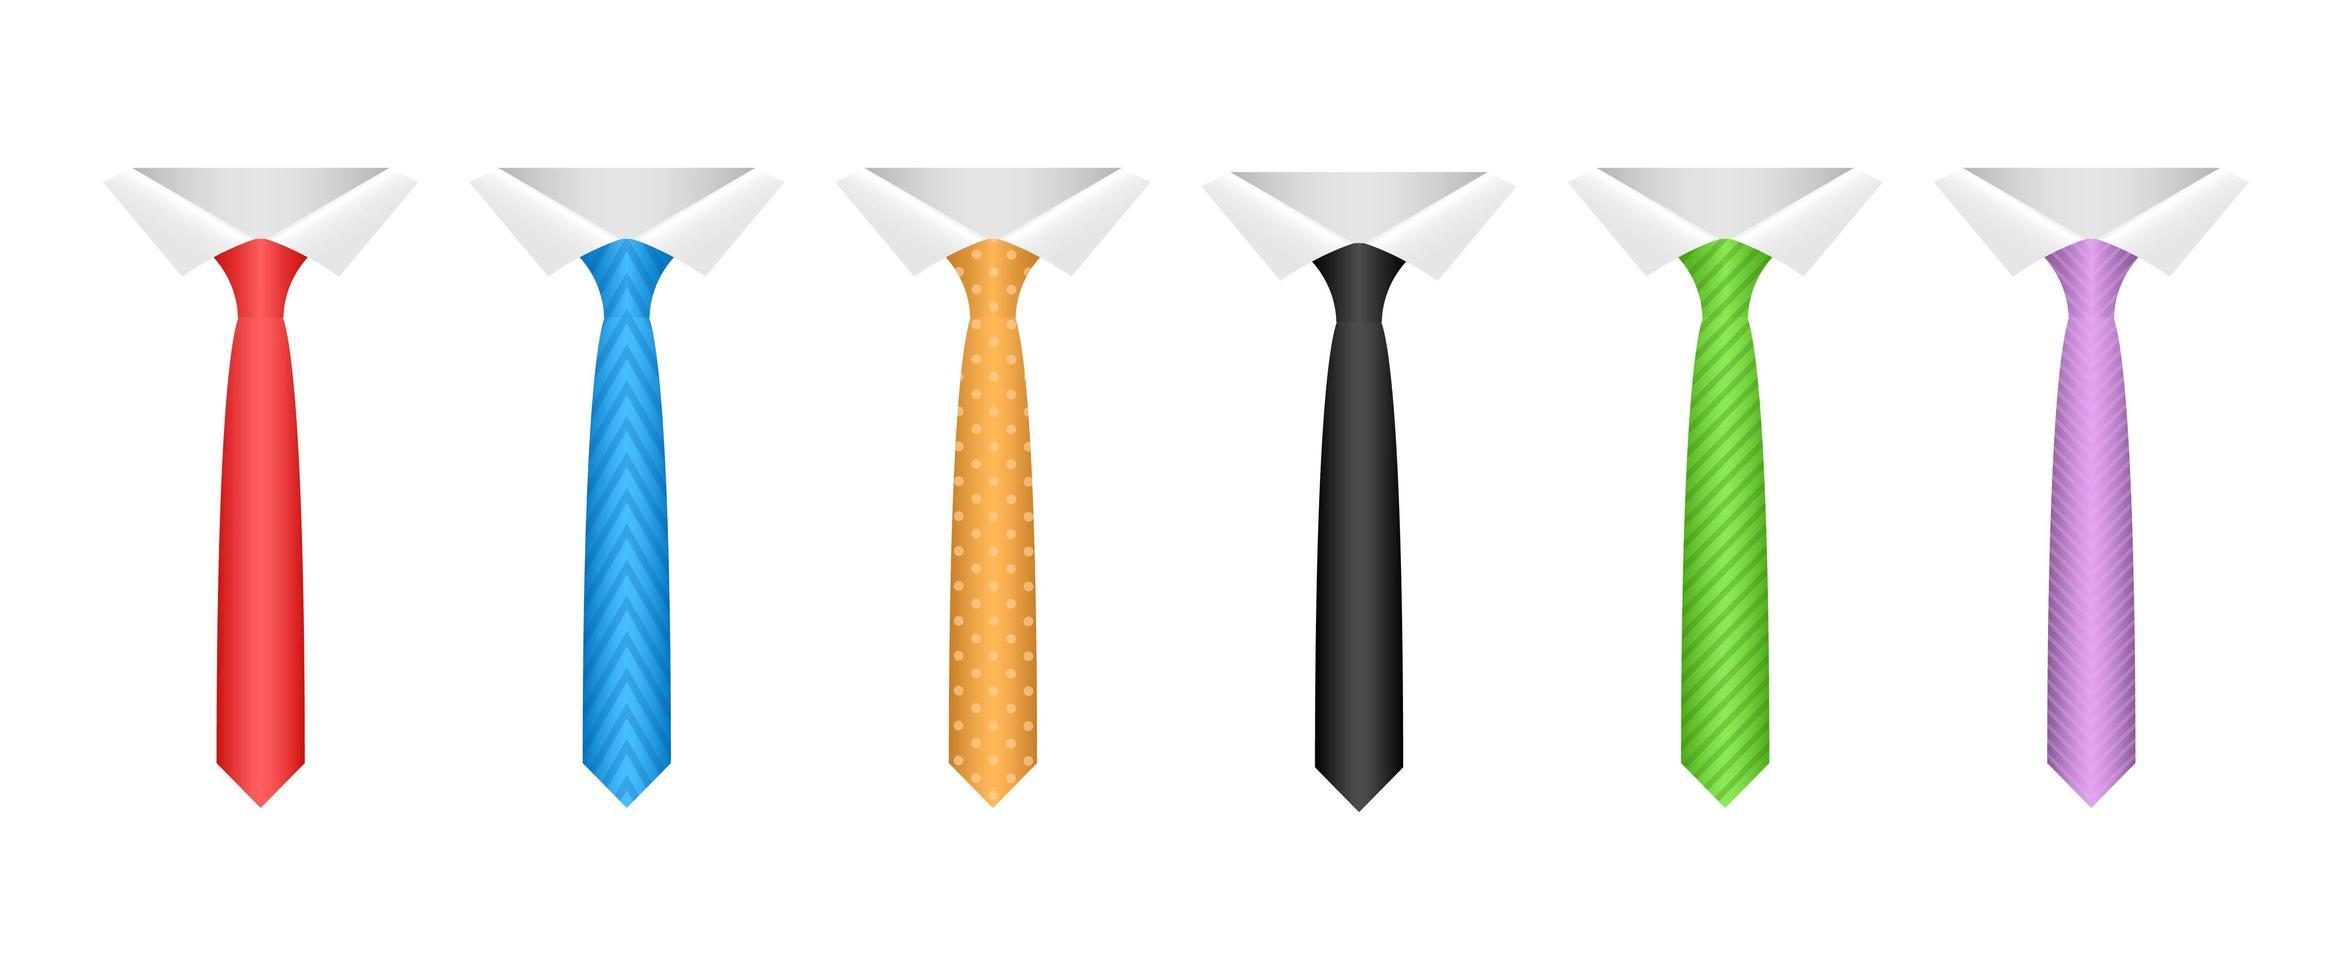 Ilustración de diseño de vector de corbata de cuello aislado sobre fondo blanco